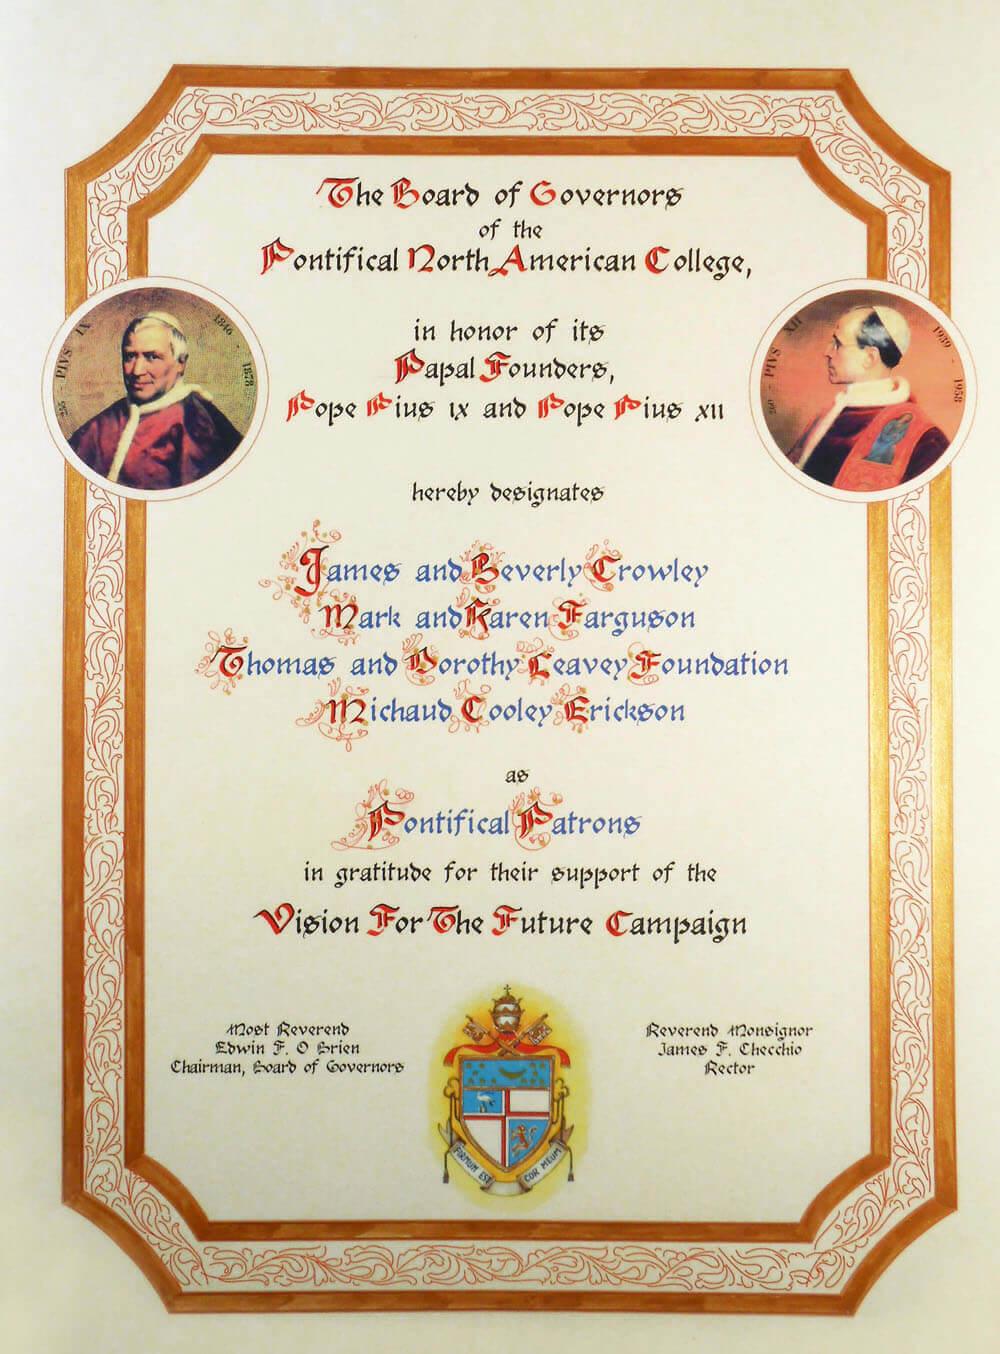 Pergamena riconoscimento ornato in oro